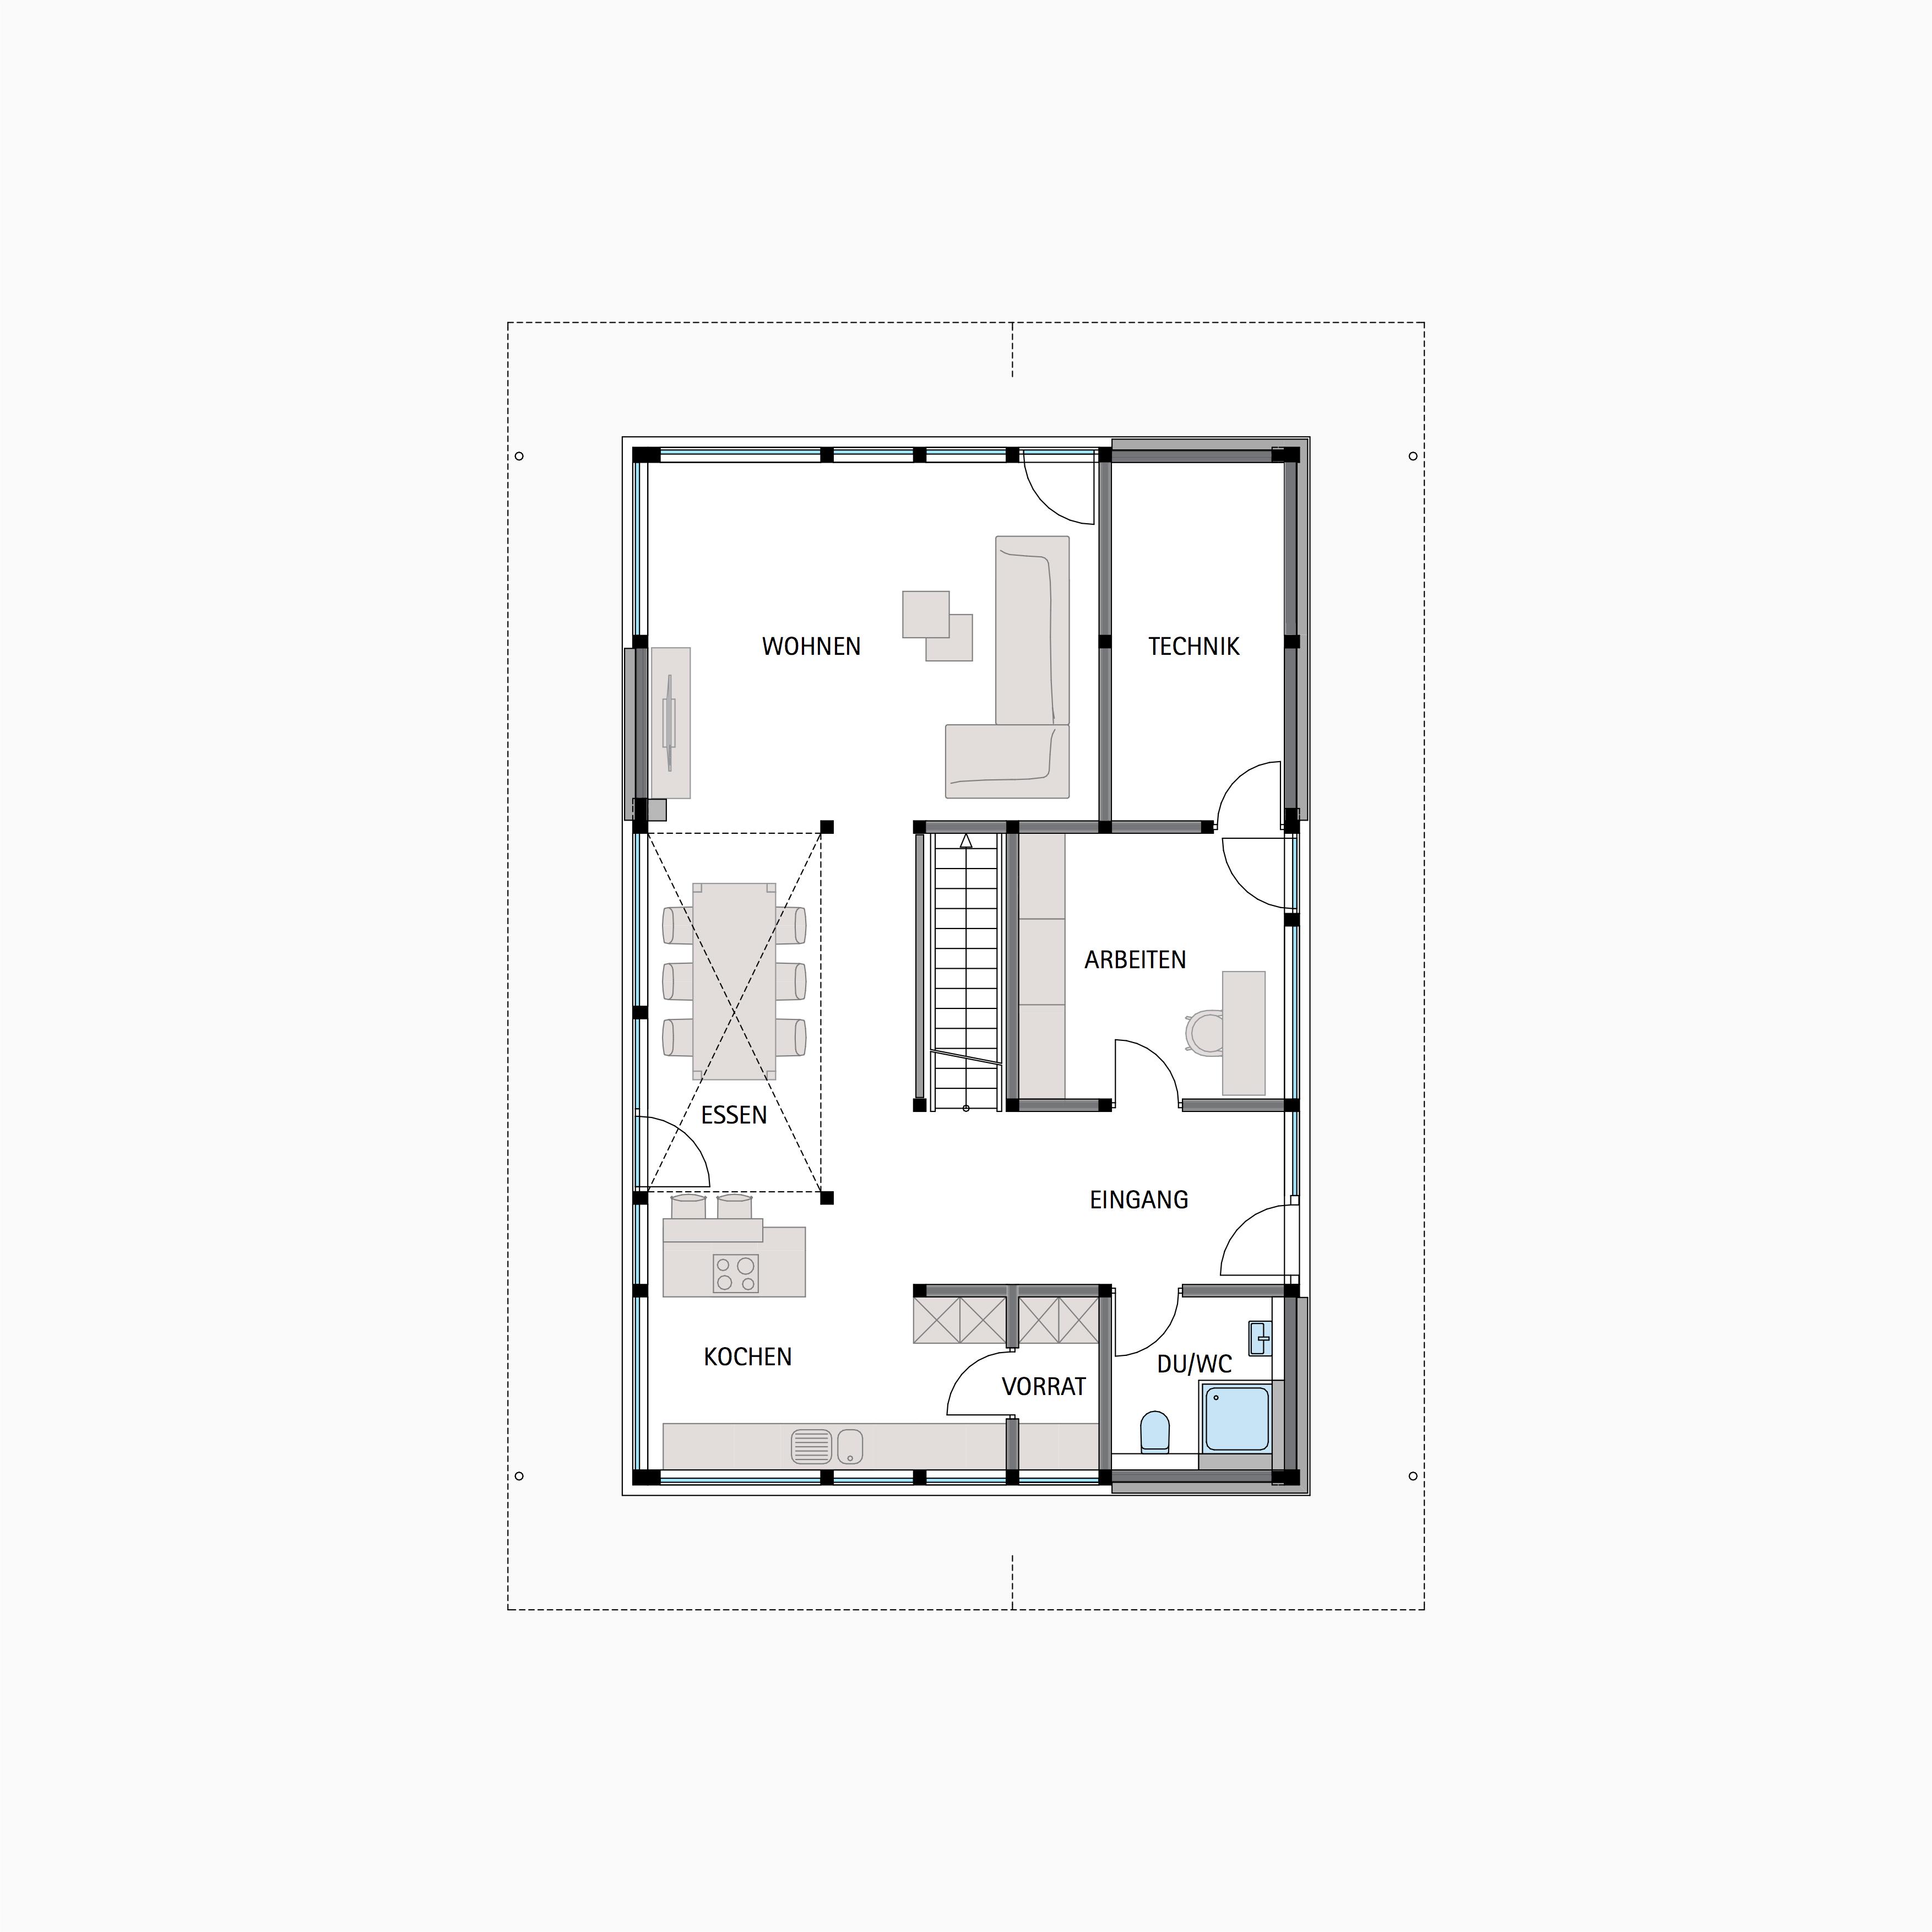 HUF HAUS MODUM 7 - Eine Nahaufnahme eines Geräts - Gebäudeplan